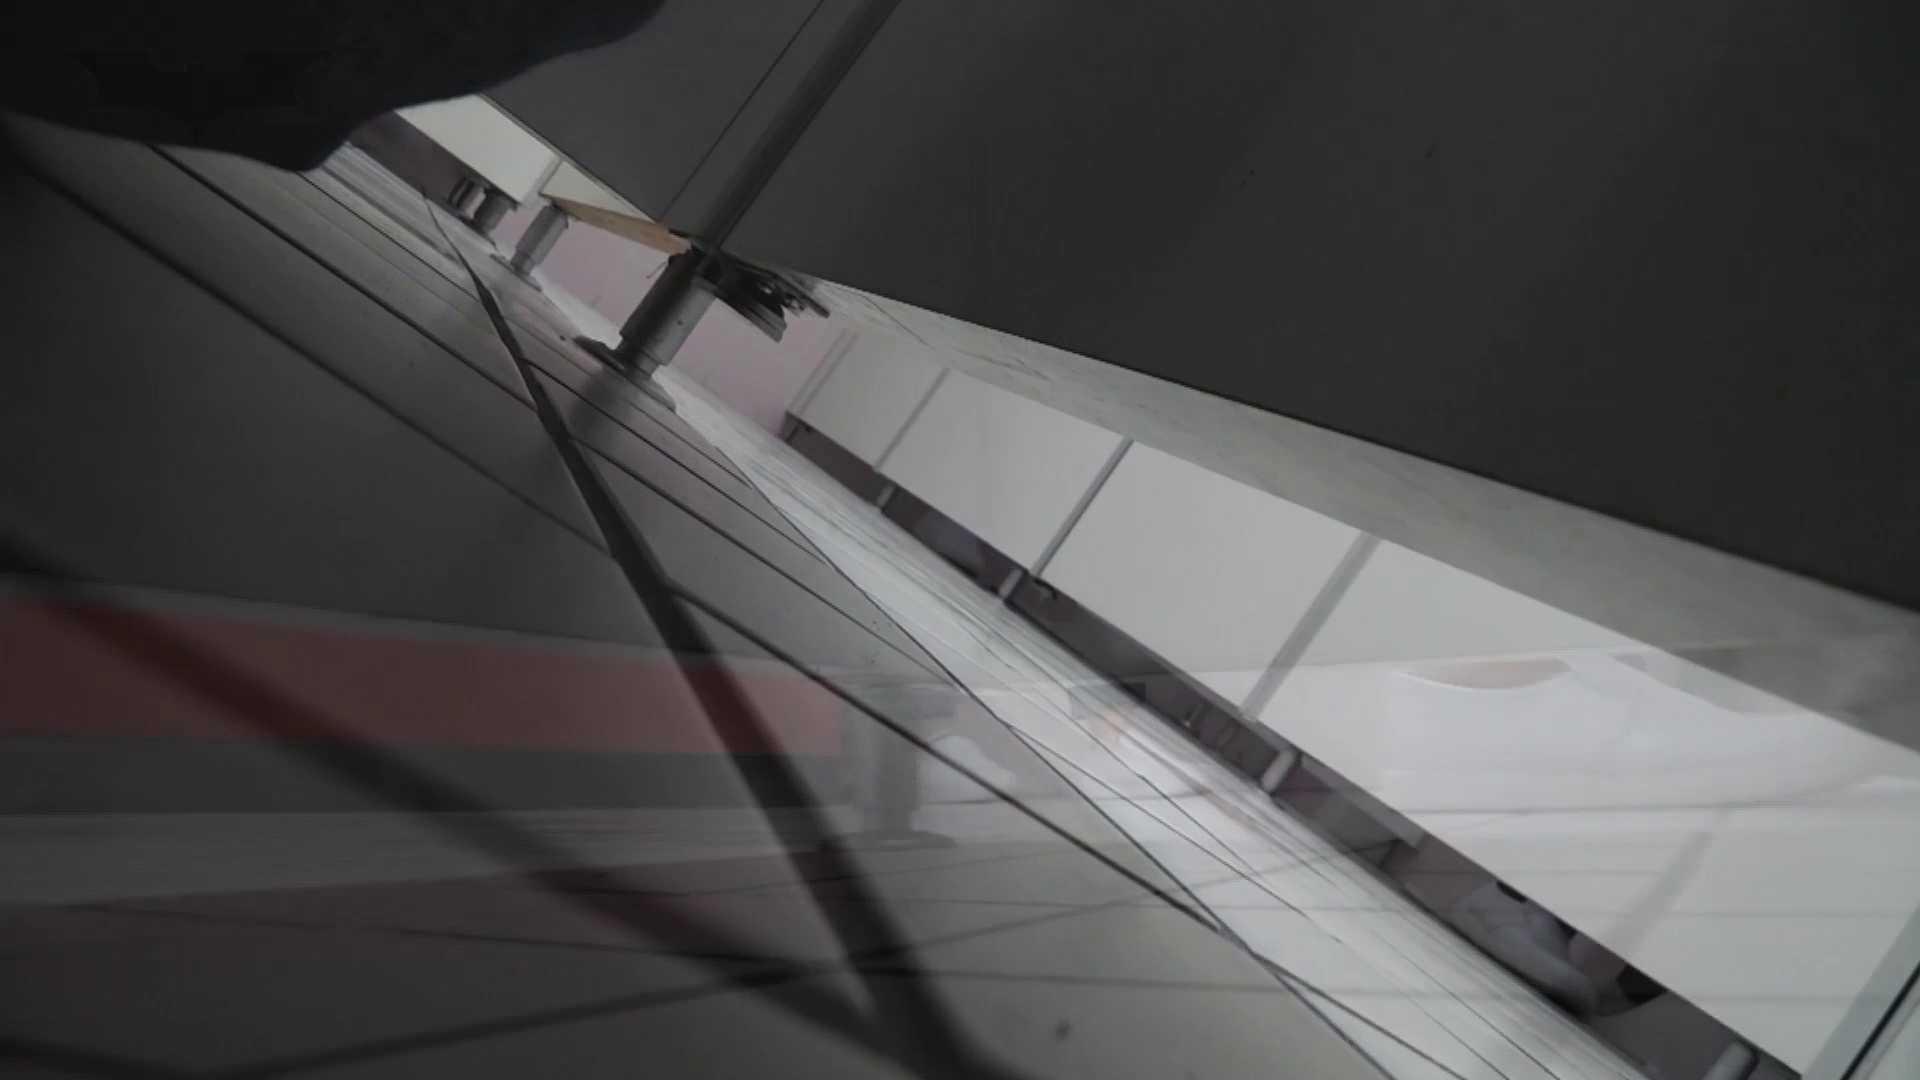 美しい日本の未来 No.31 新しいアングルに挑戦 ギャル・コレクション | 盗撮エロすぎ  20連発 8